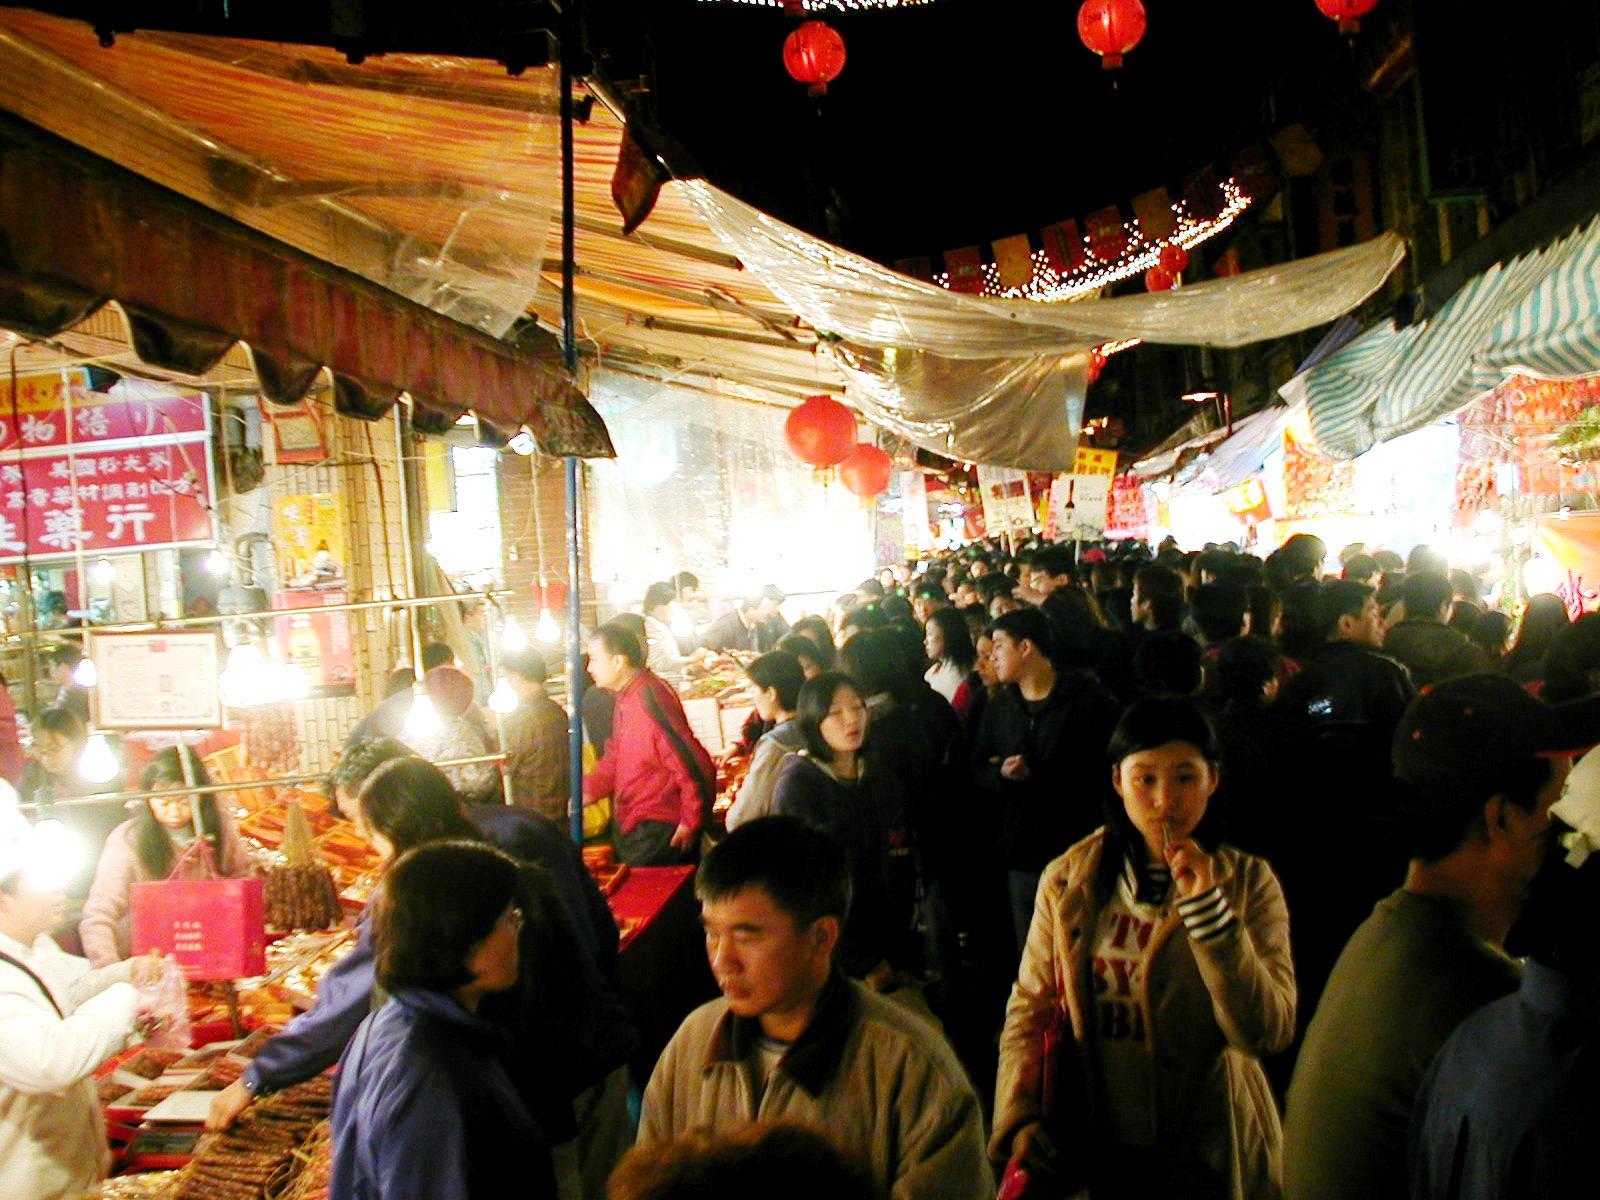 台湾迪化街の人混み、旧正月の様子